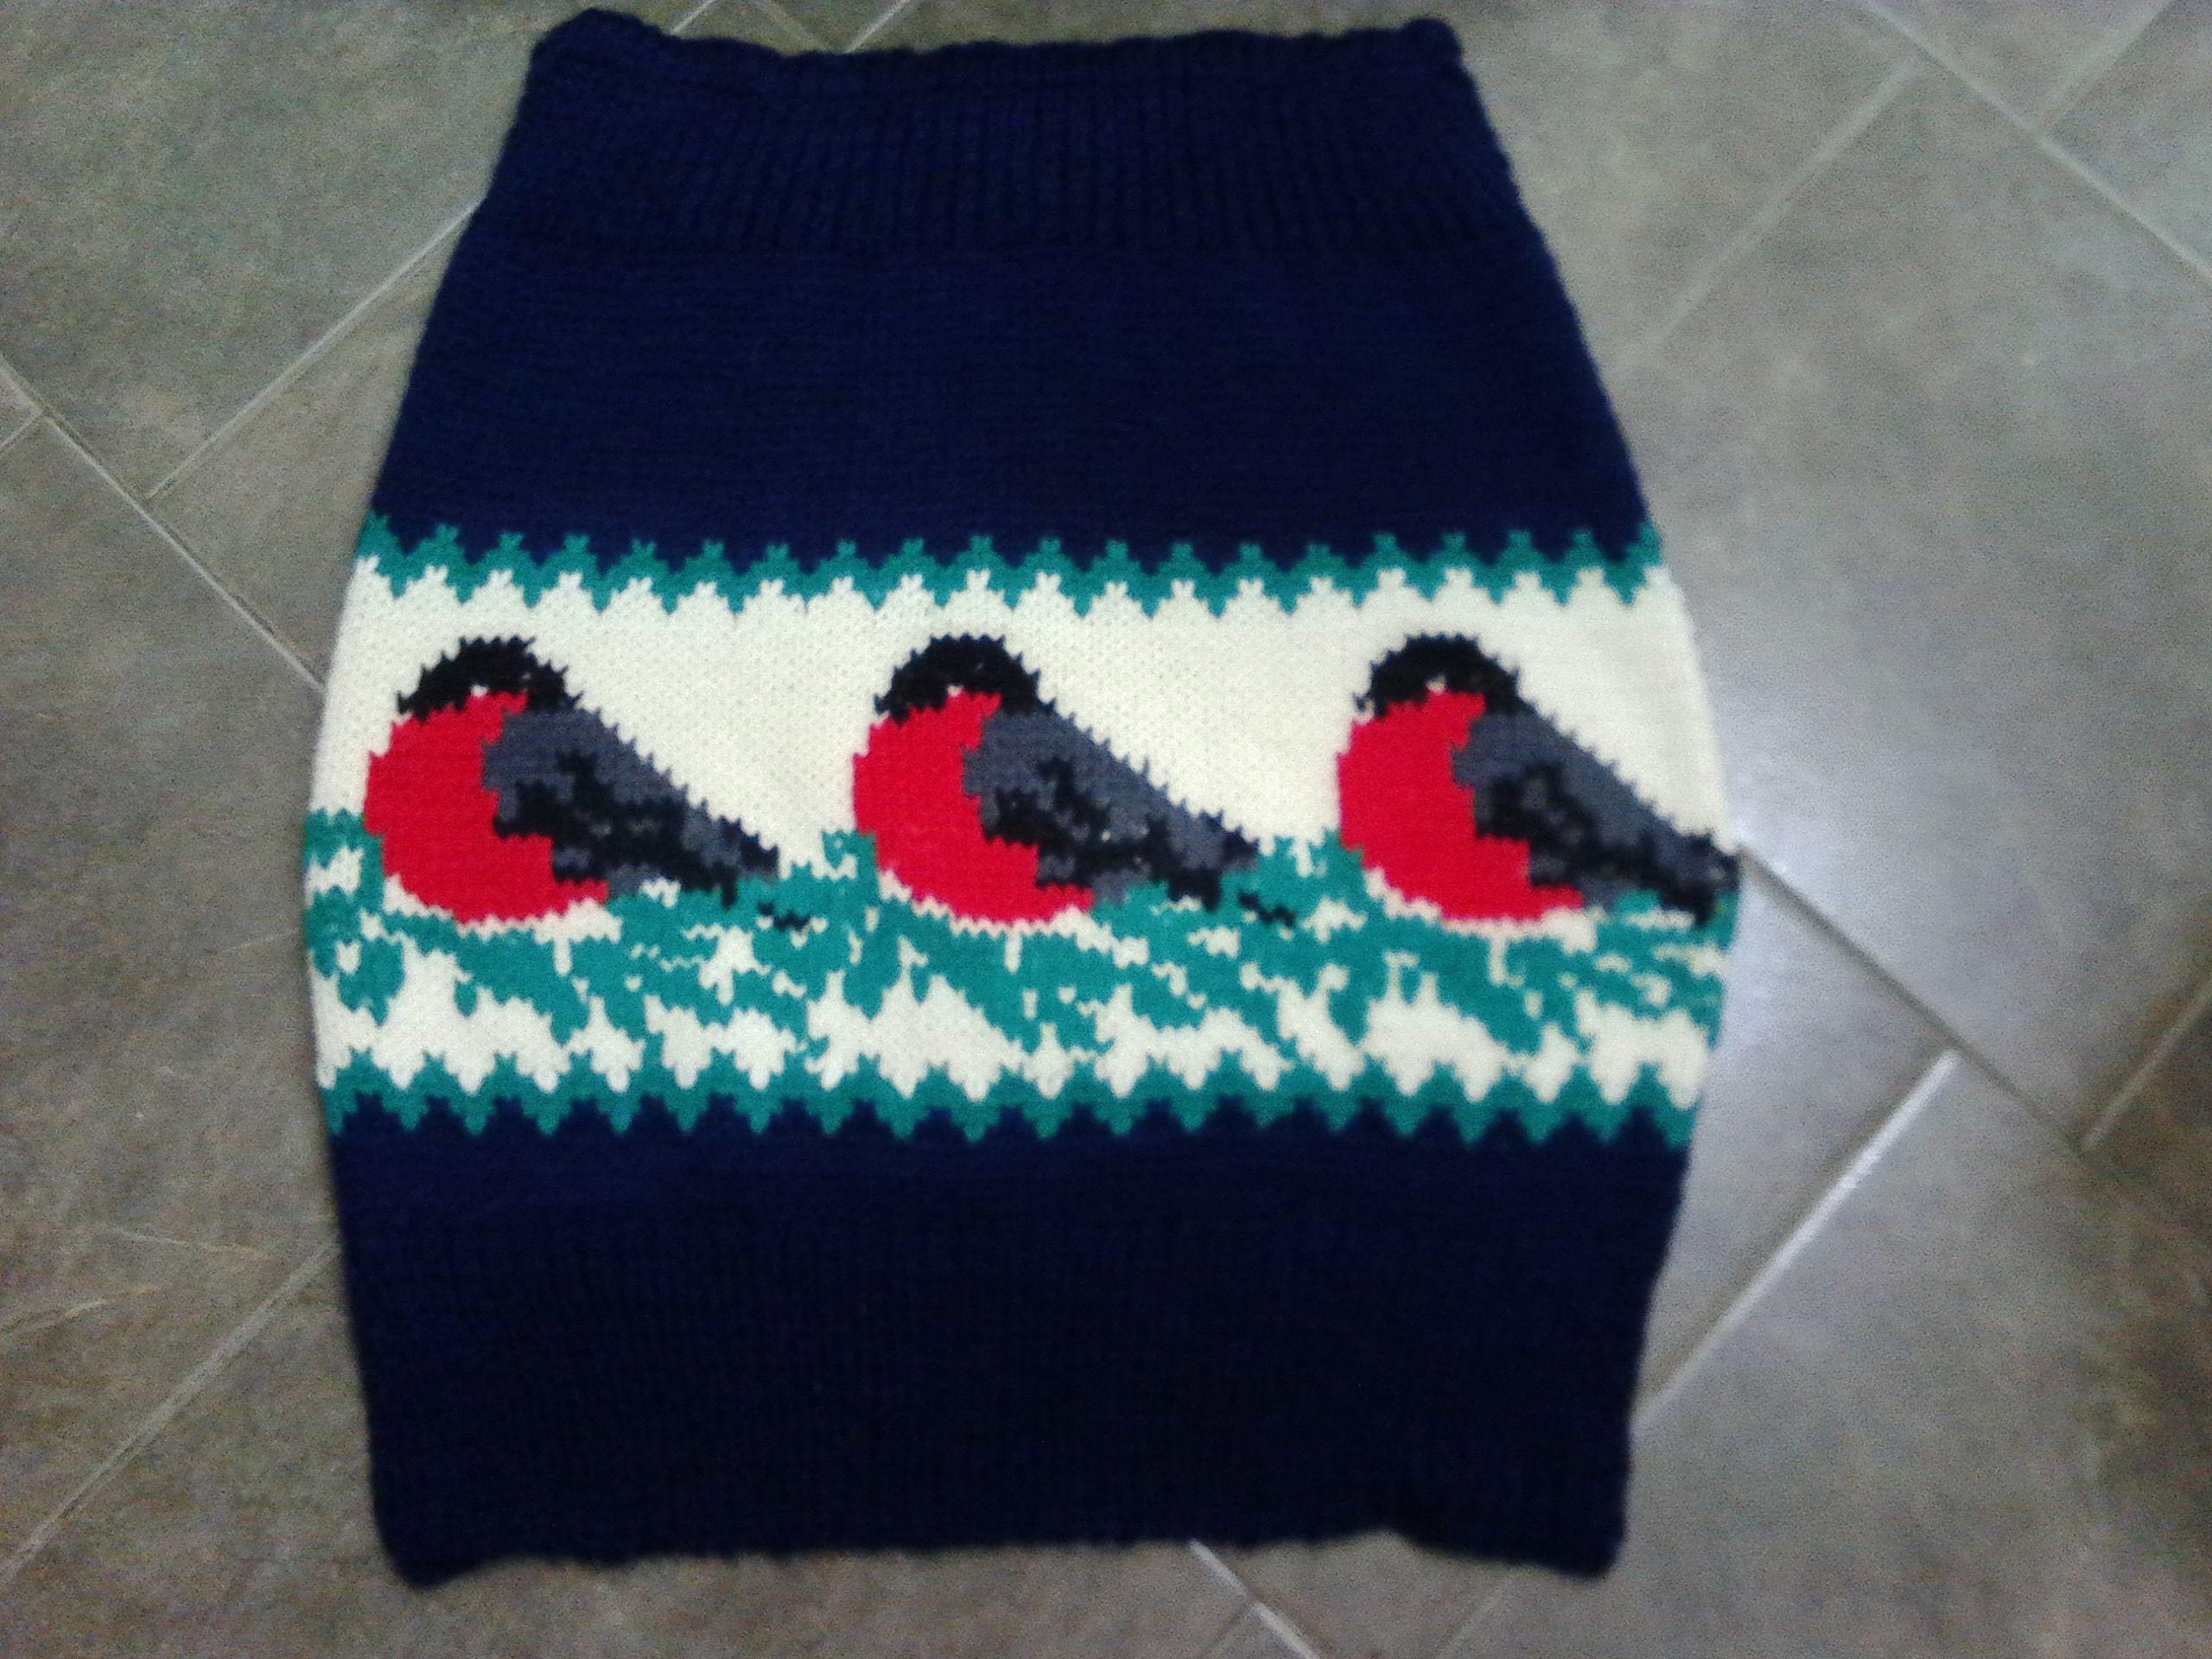 короткая теплая юбка размеров больших вязанная спицами